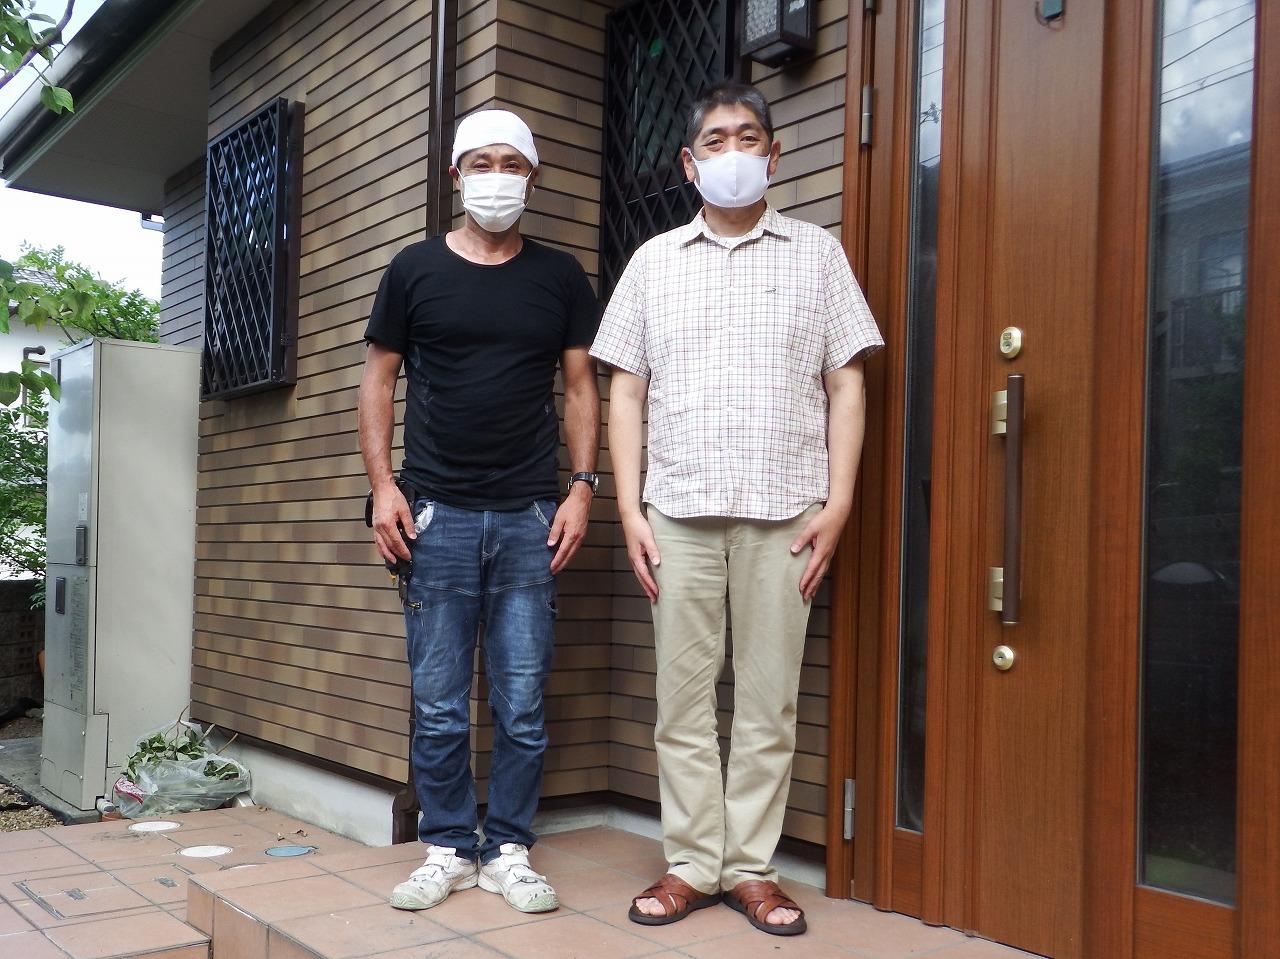 生駒市で屋根材の破損を発見、屋根と外壁の塗装をされたお客様の声